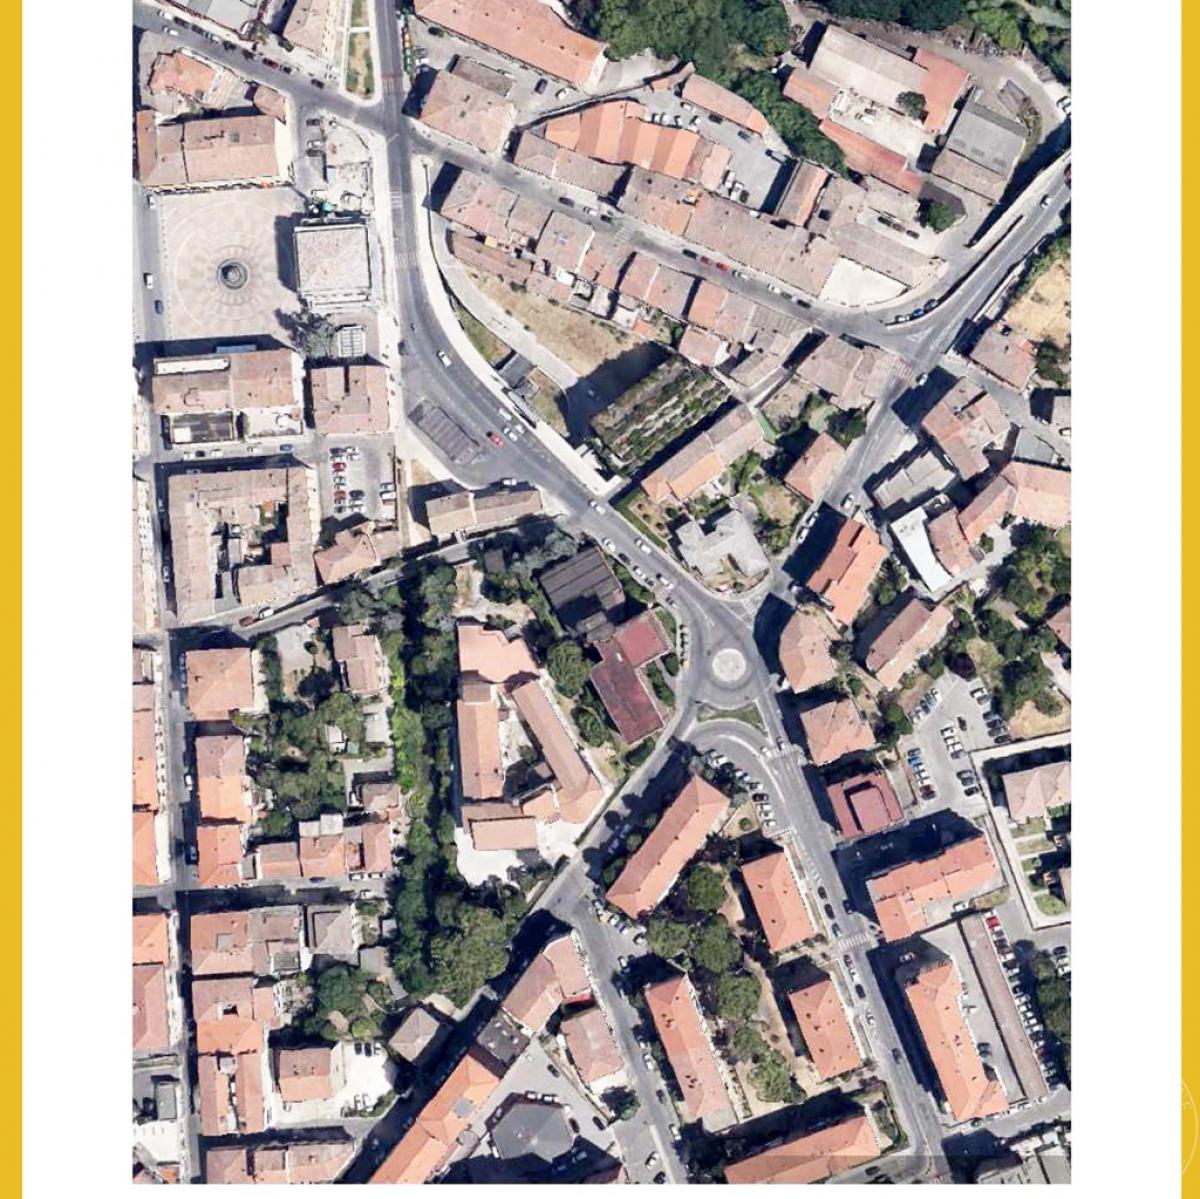 Autorimessa a COLLE VAL D'ELSA, via delle Casette - Lotto 3 COLLE BASSA